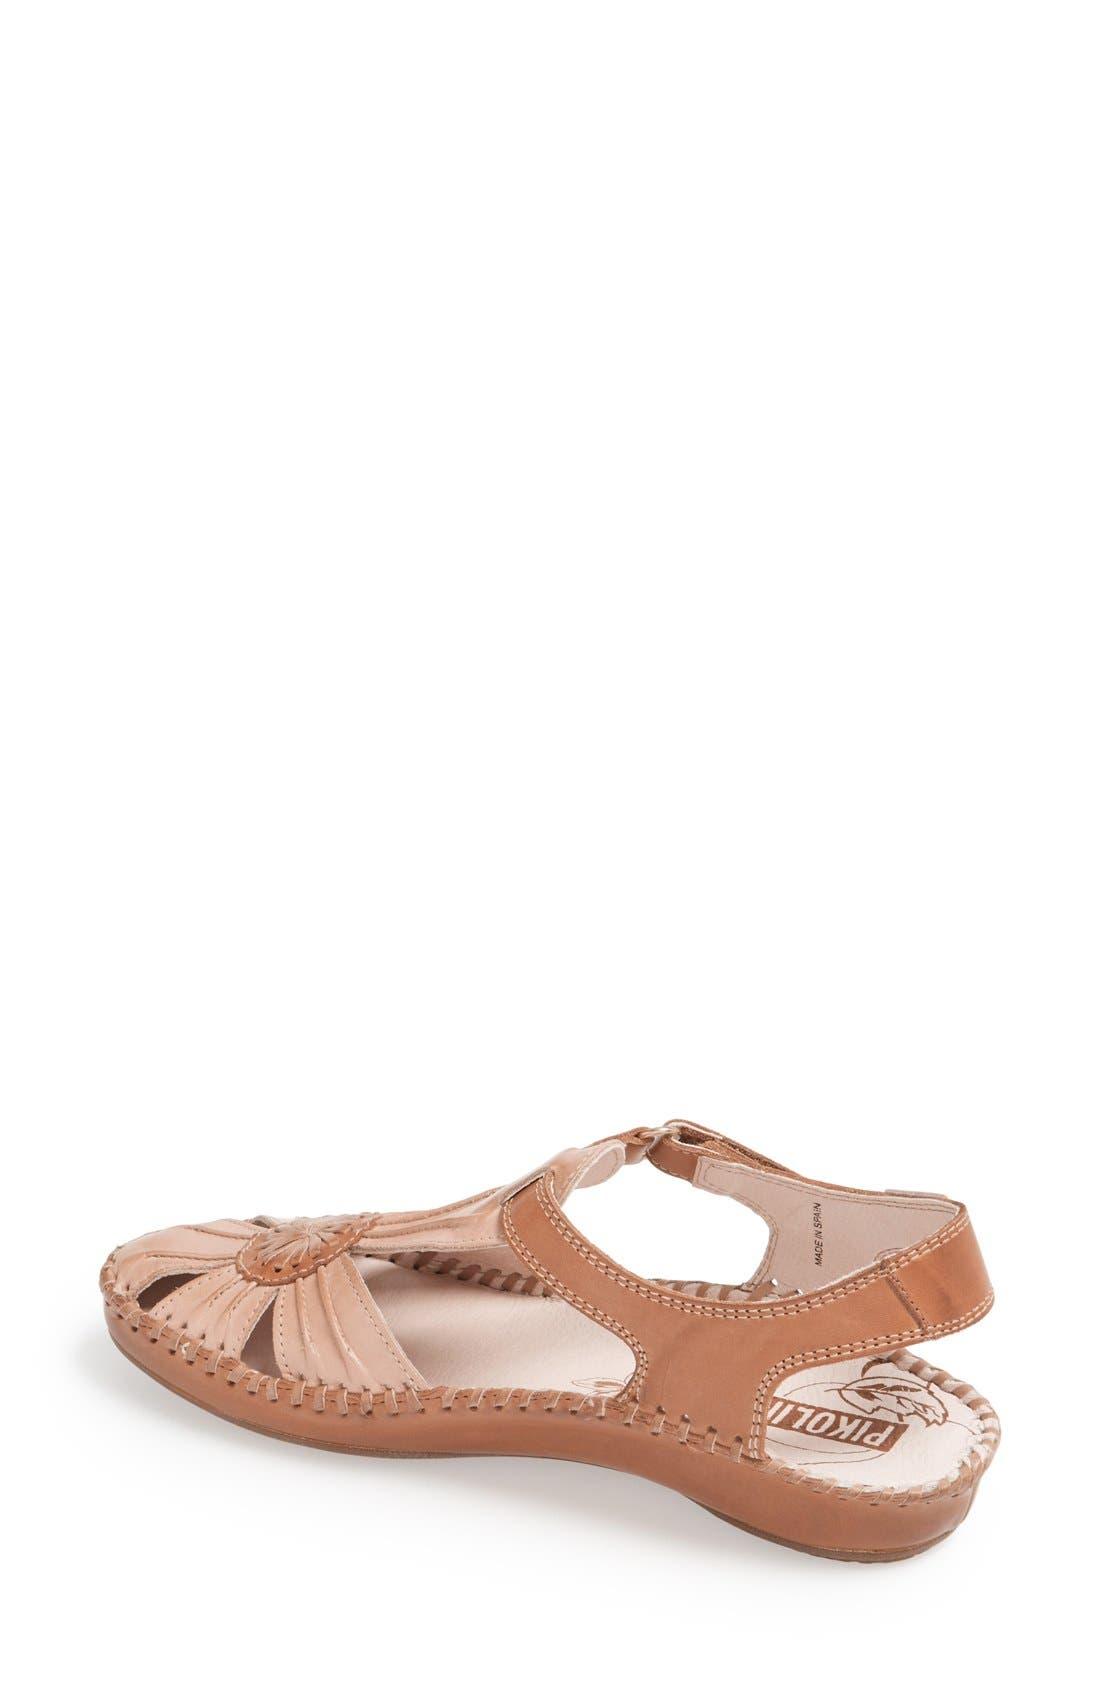 Alternate Image 2  - PIKOLINOS 'Vallarta' Sandal